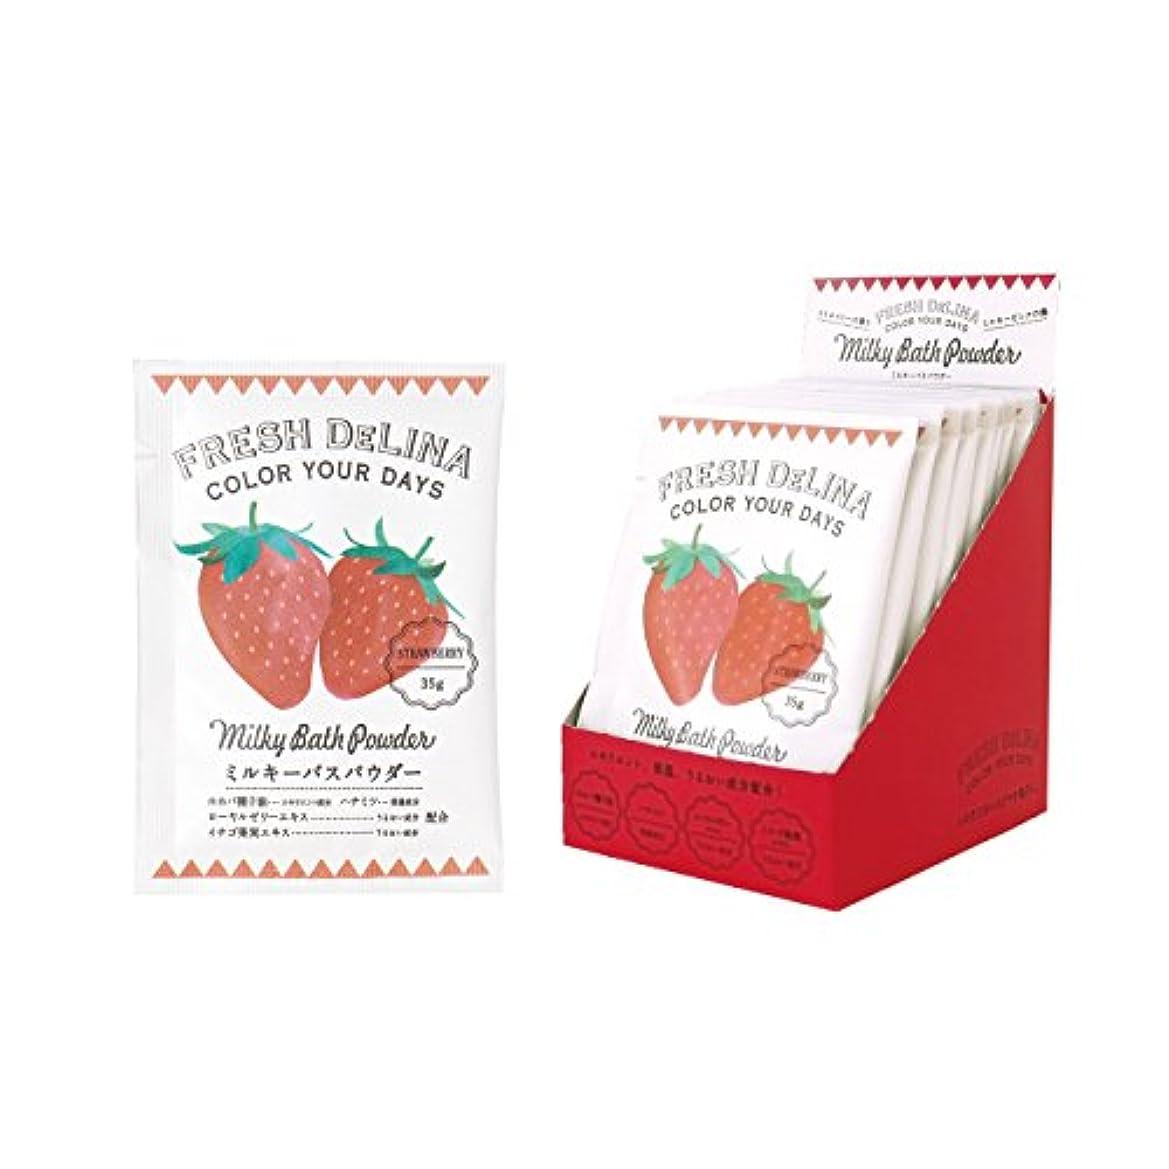 胸ファーザーファージュ十二フレッシュデリーナ ミルキーバスパウダー 35g (ストロベリー) 12個 (白濁タイプ入浴料 日本製 ジューシーなイチゴの香り)